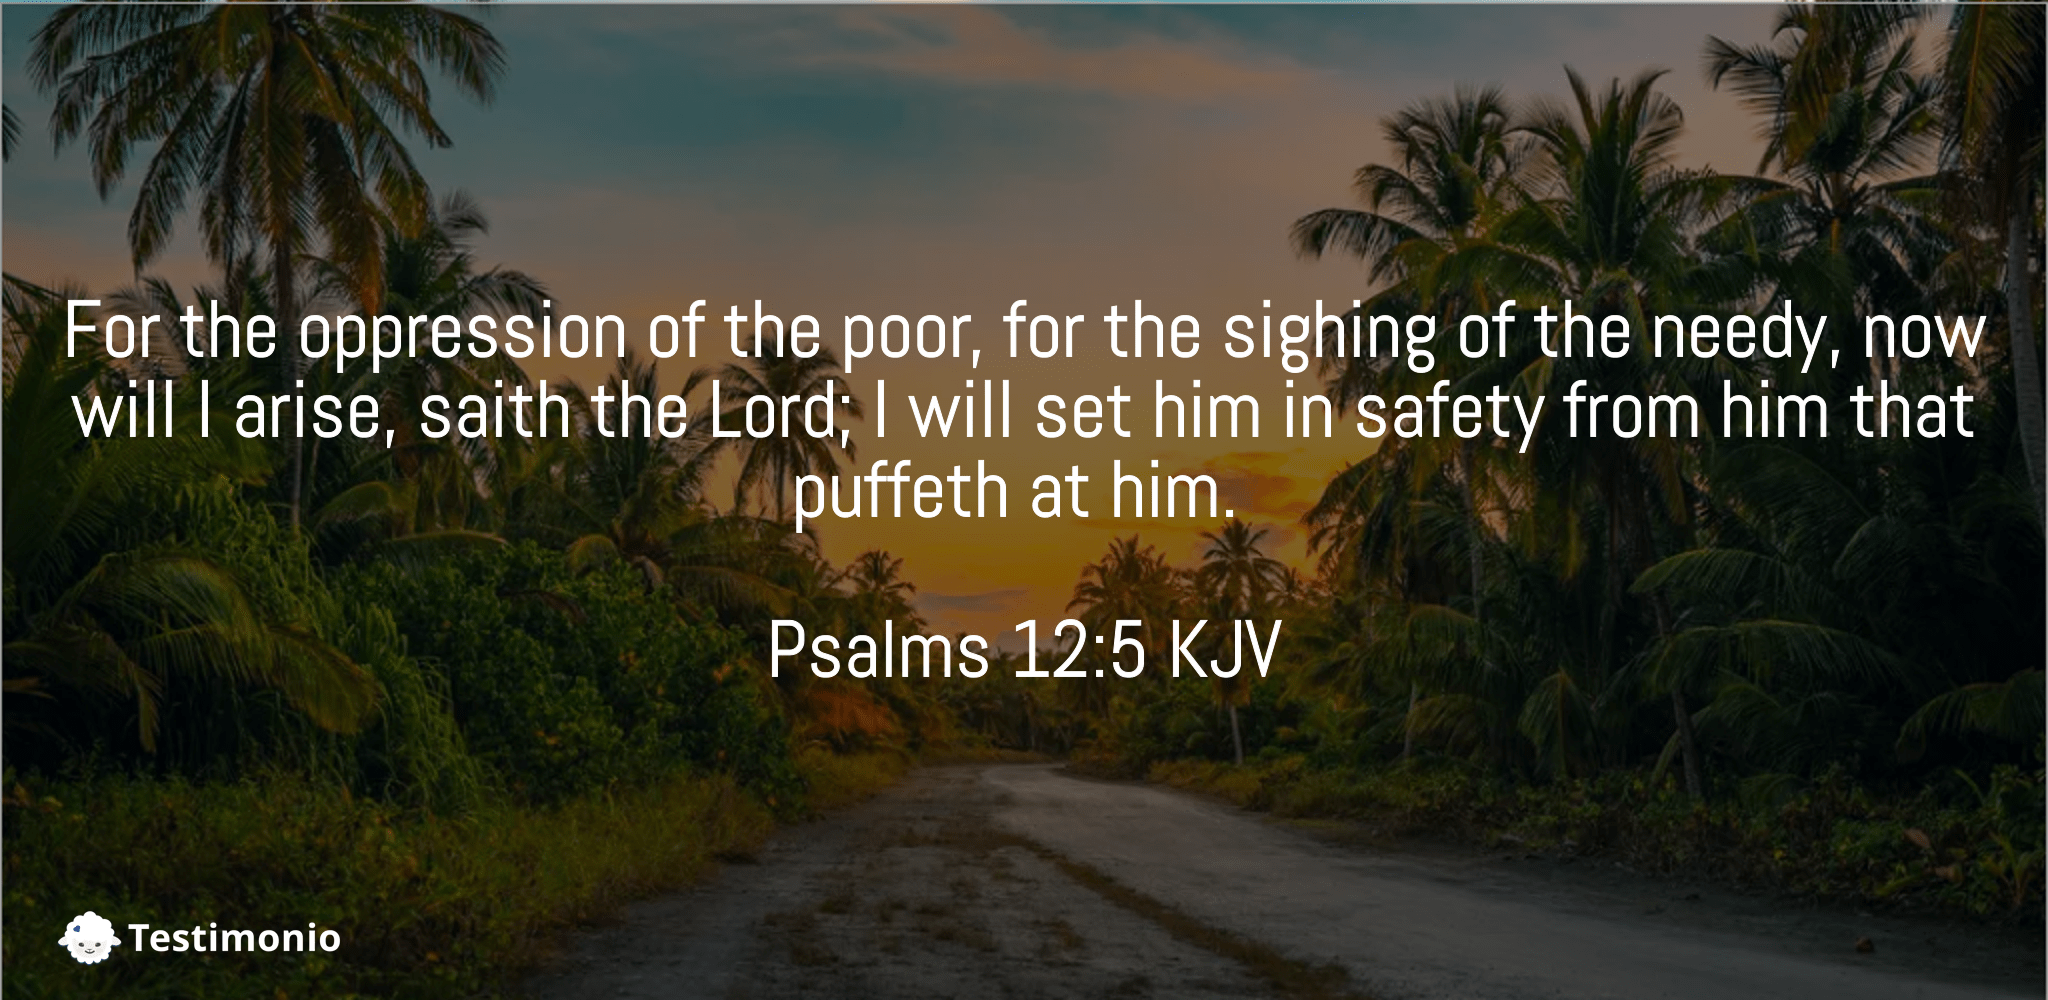 Psalms 12:5